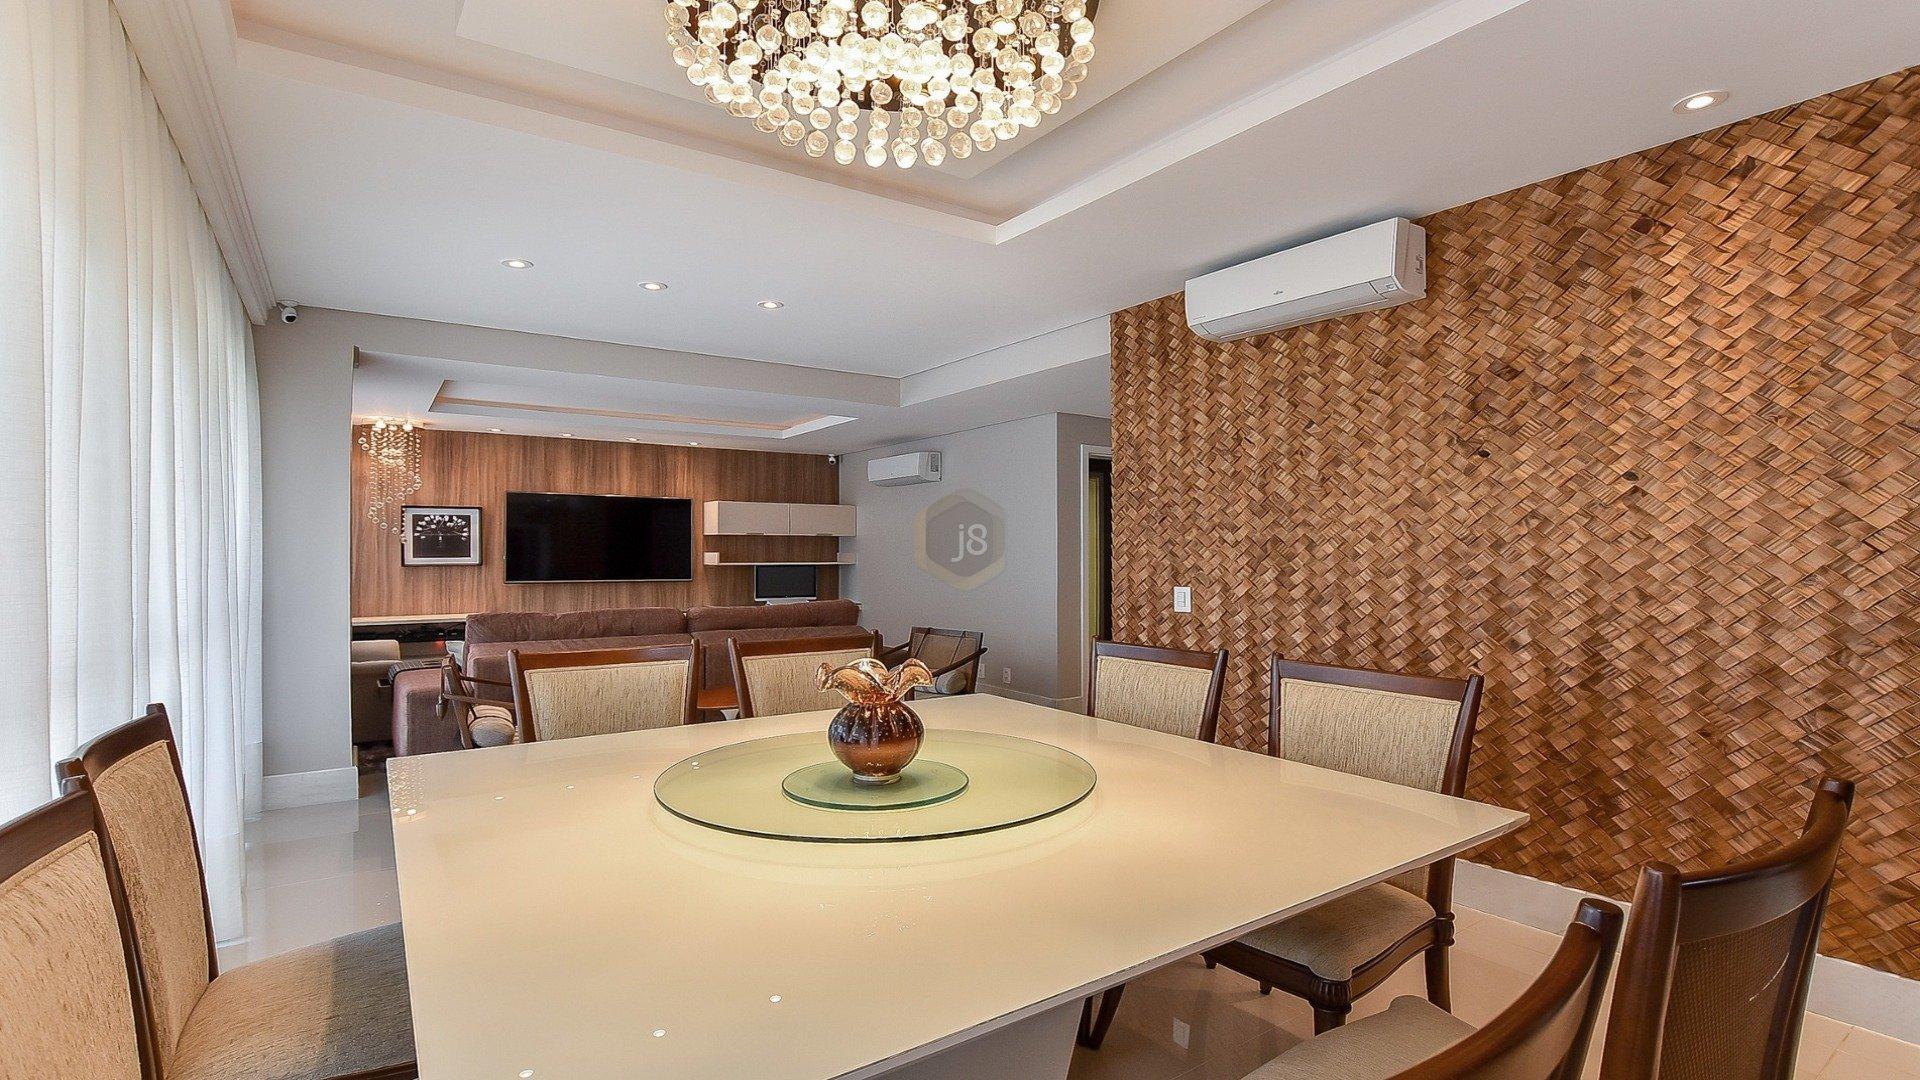 Foto de destaque Maravilhoso apartamento em condomínio clube!